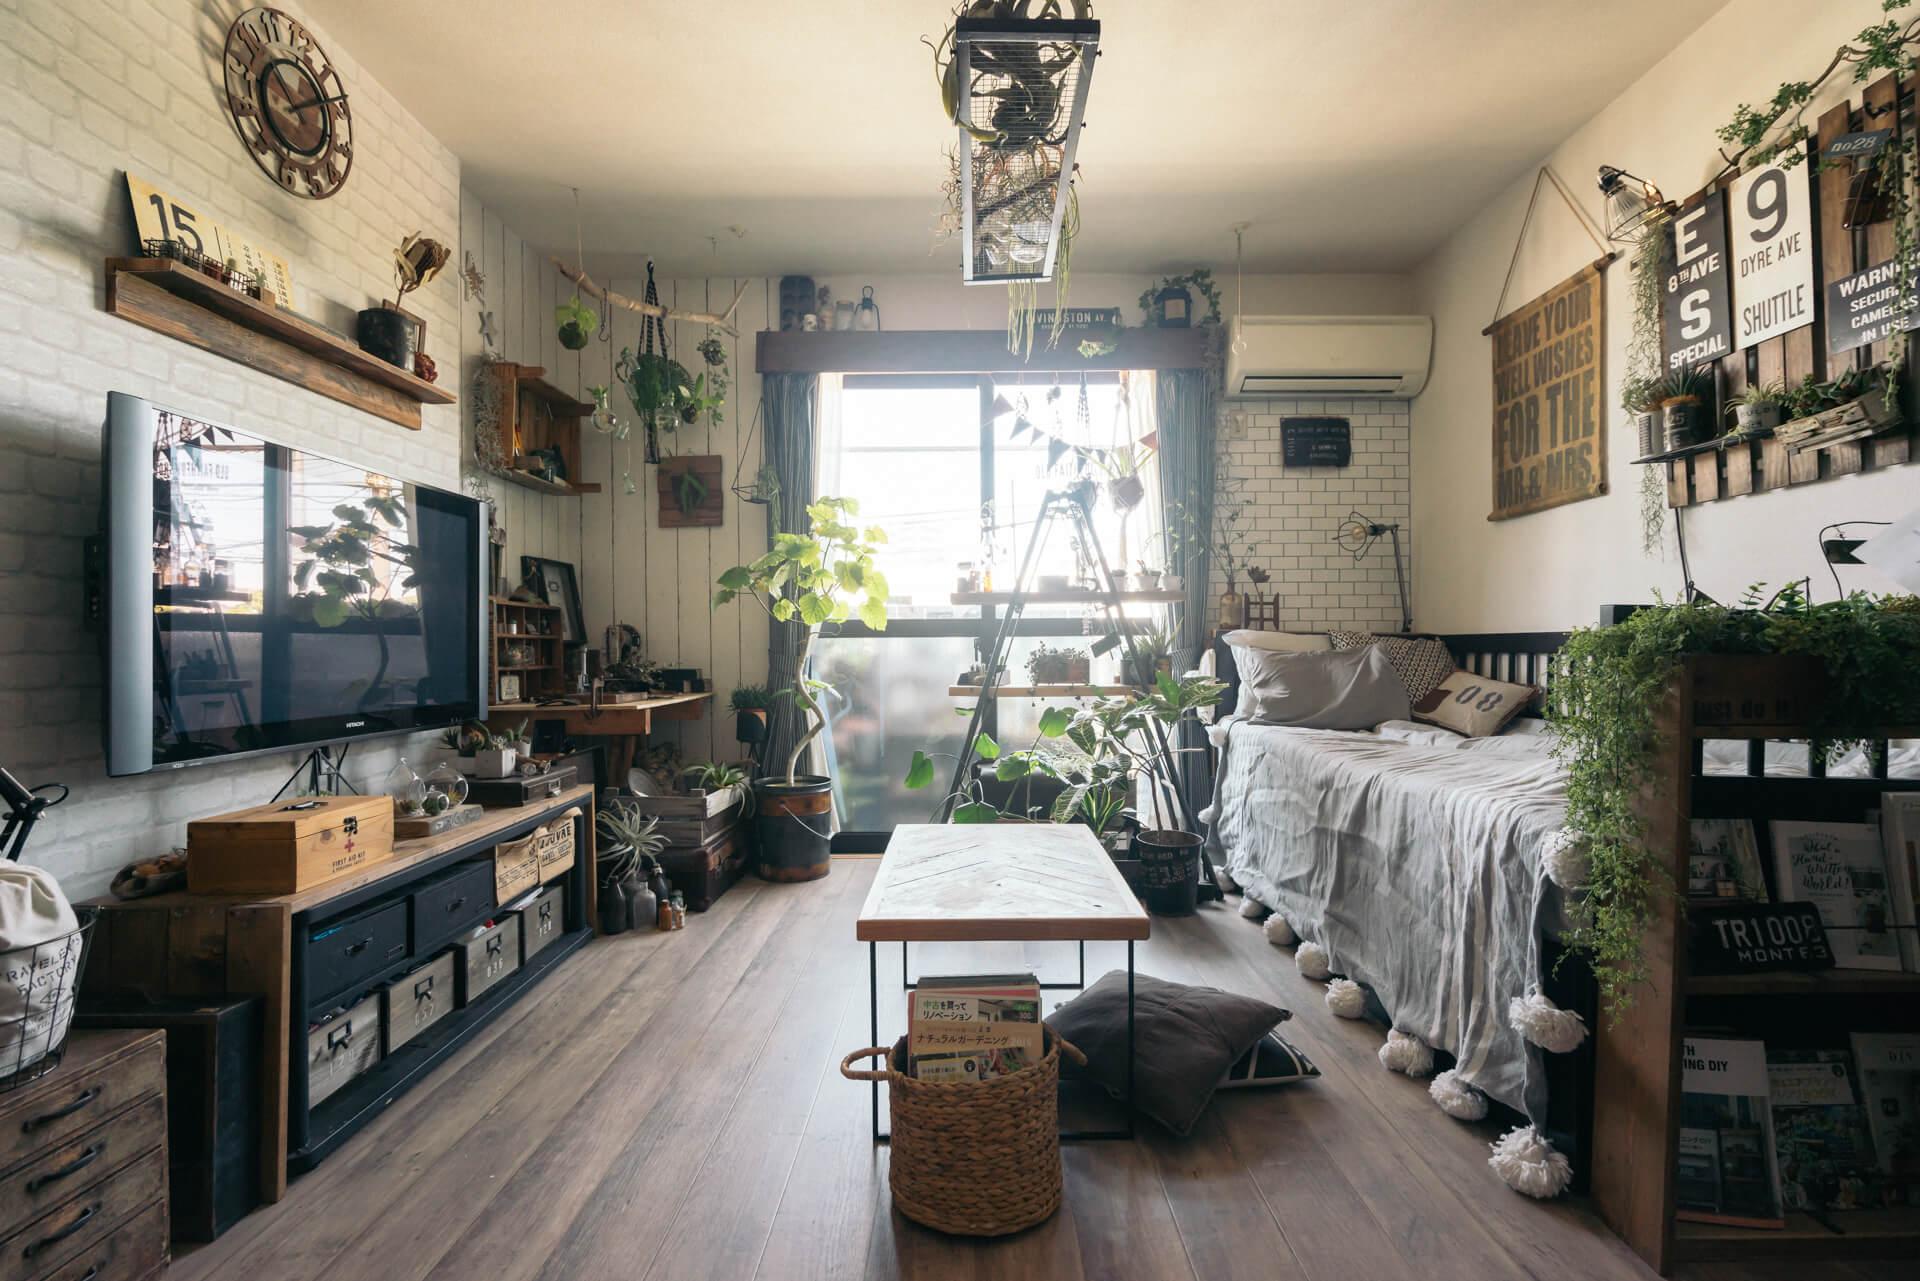 DIYが大好きでお部屋を楽しくカスタマイズしているakiさんのお部屋